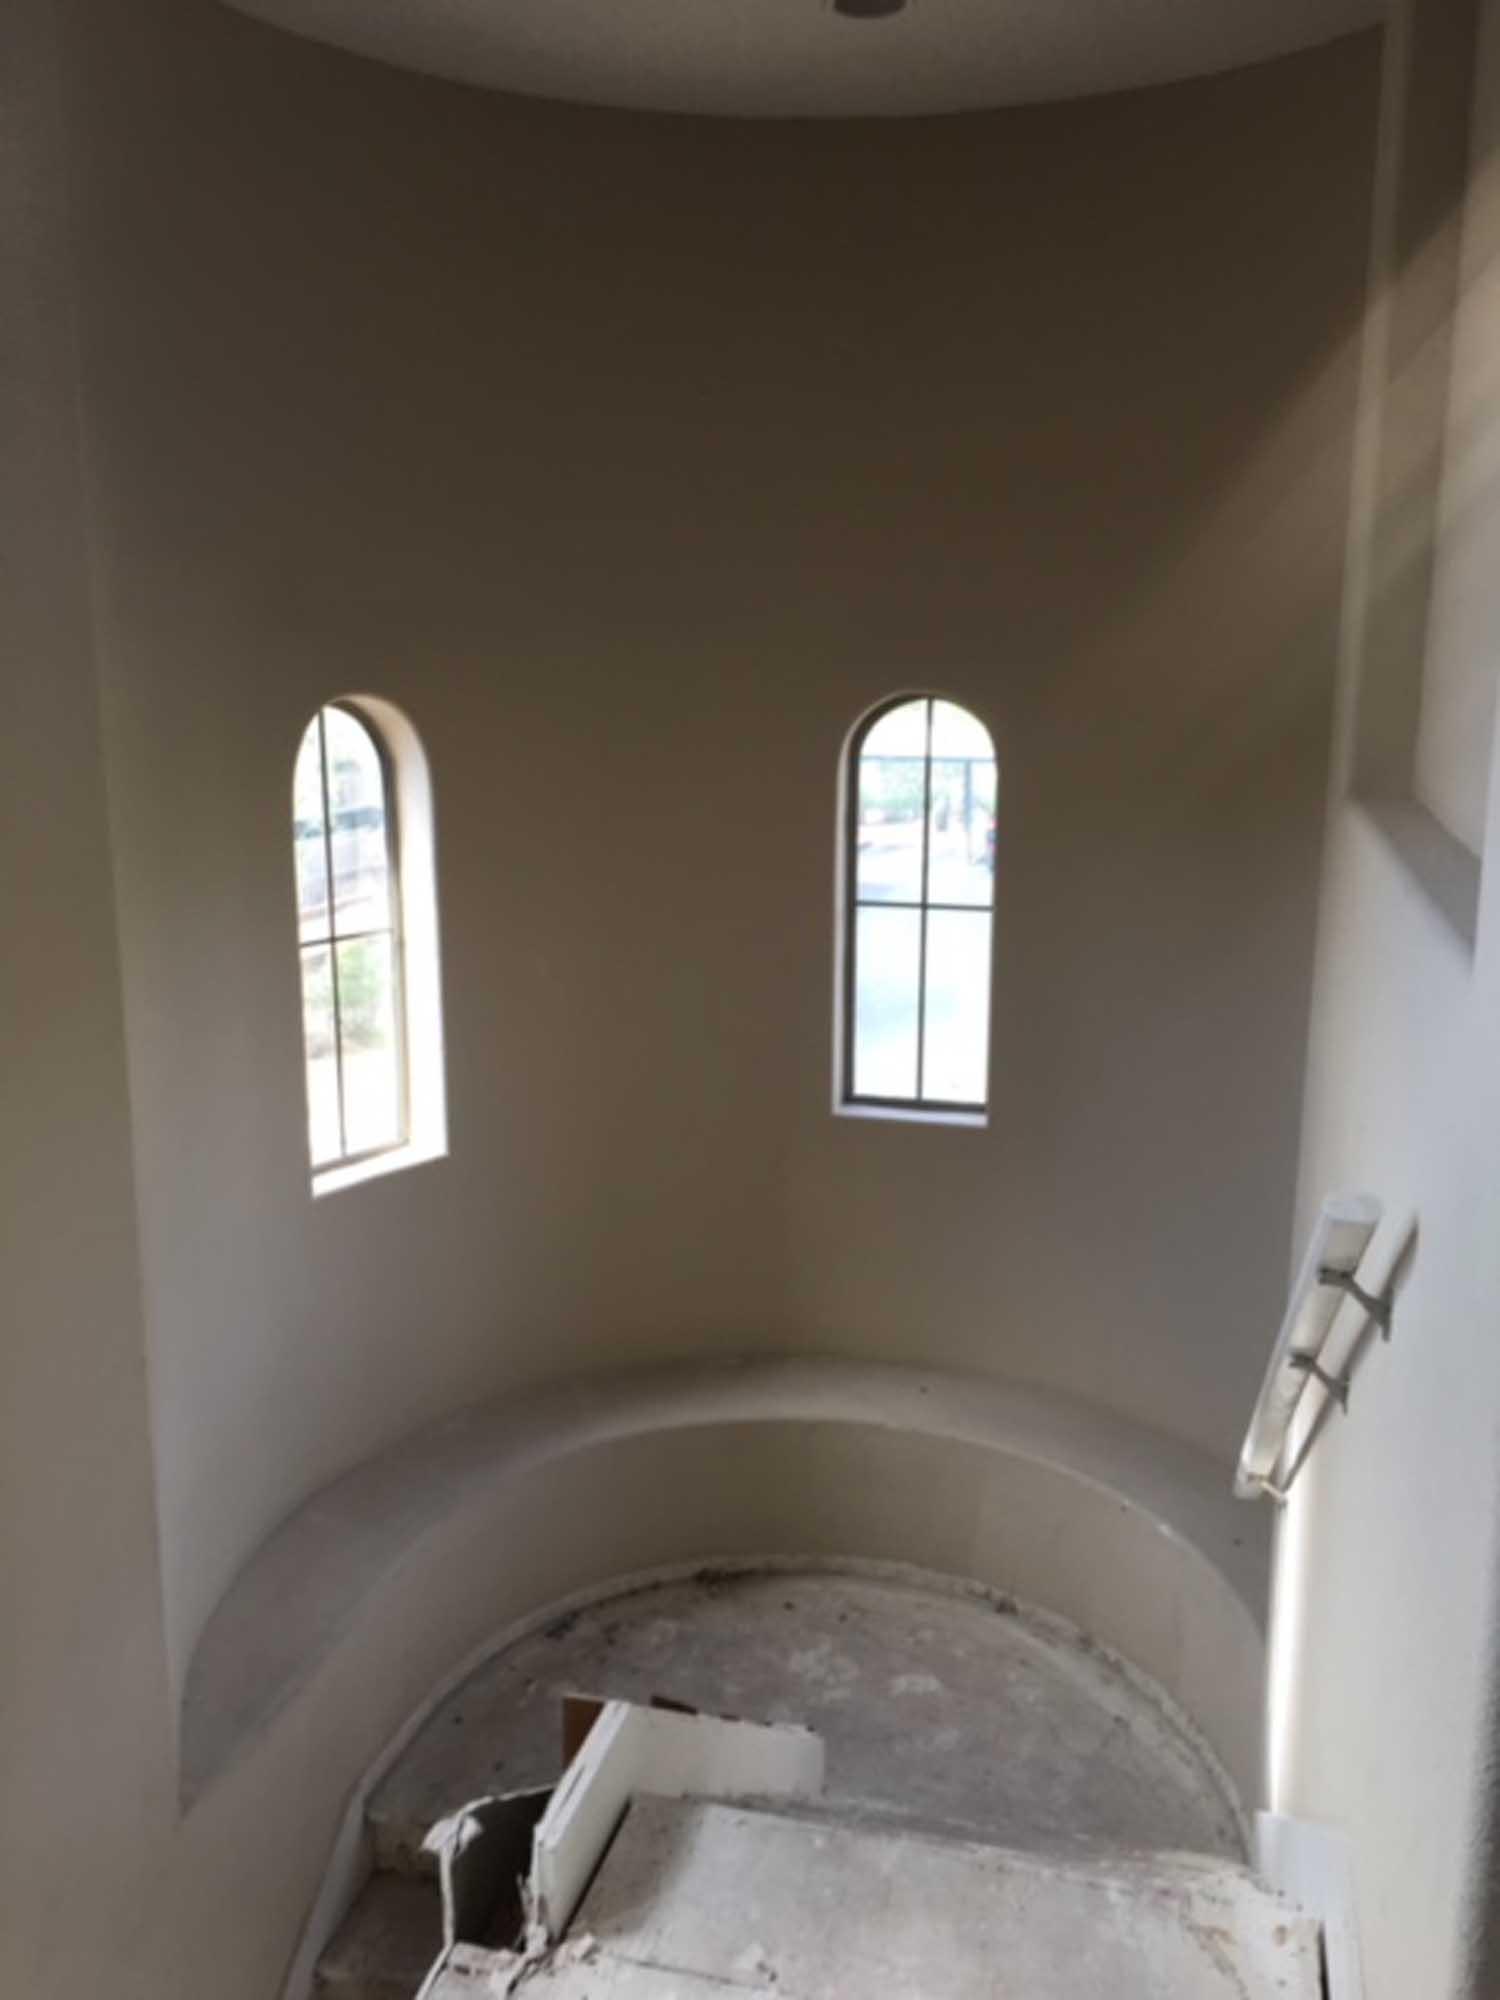 Curve design concrete staircase